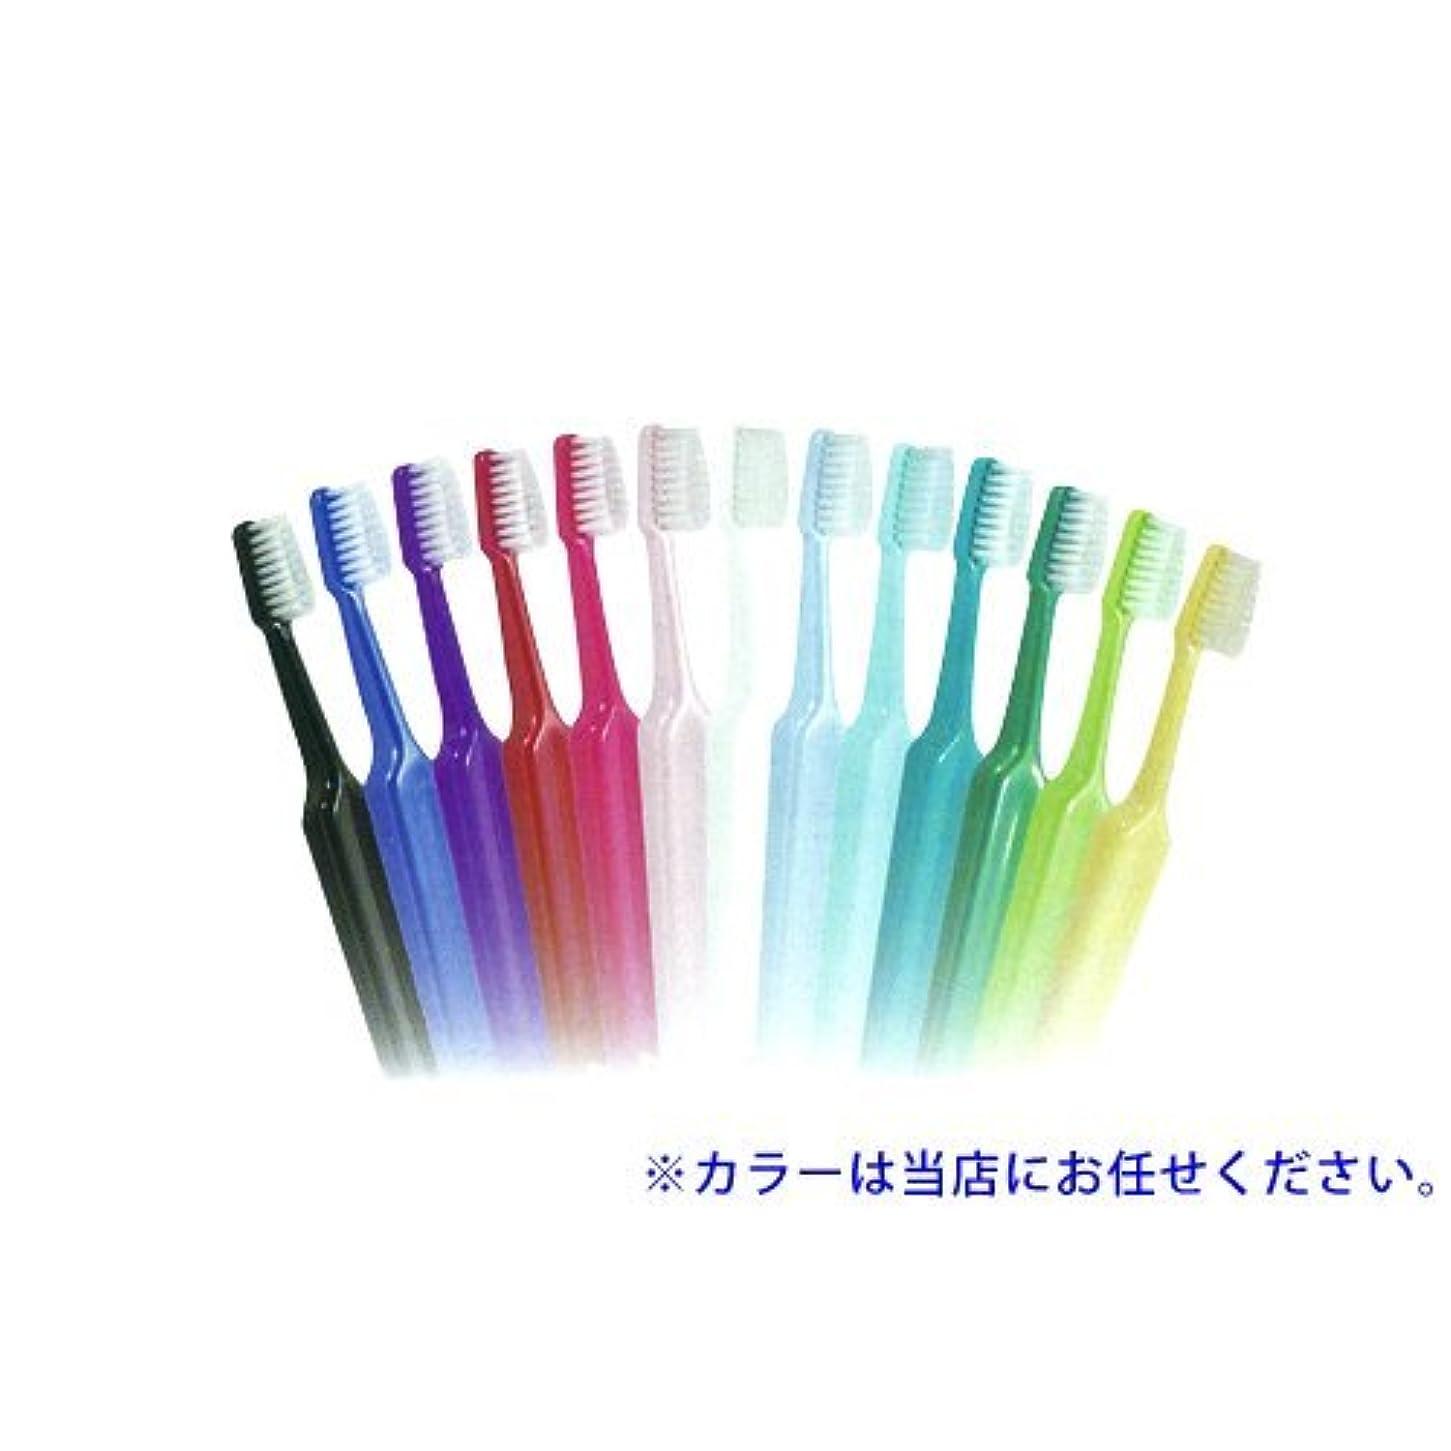 不明瞭栄光の船外クロスフィールド TePe テペ セレクトミニ 歯ブラシ 1本 ソフト